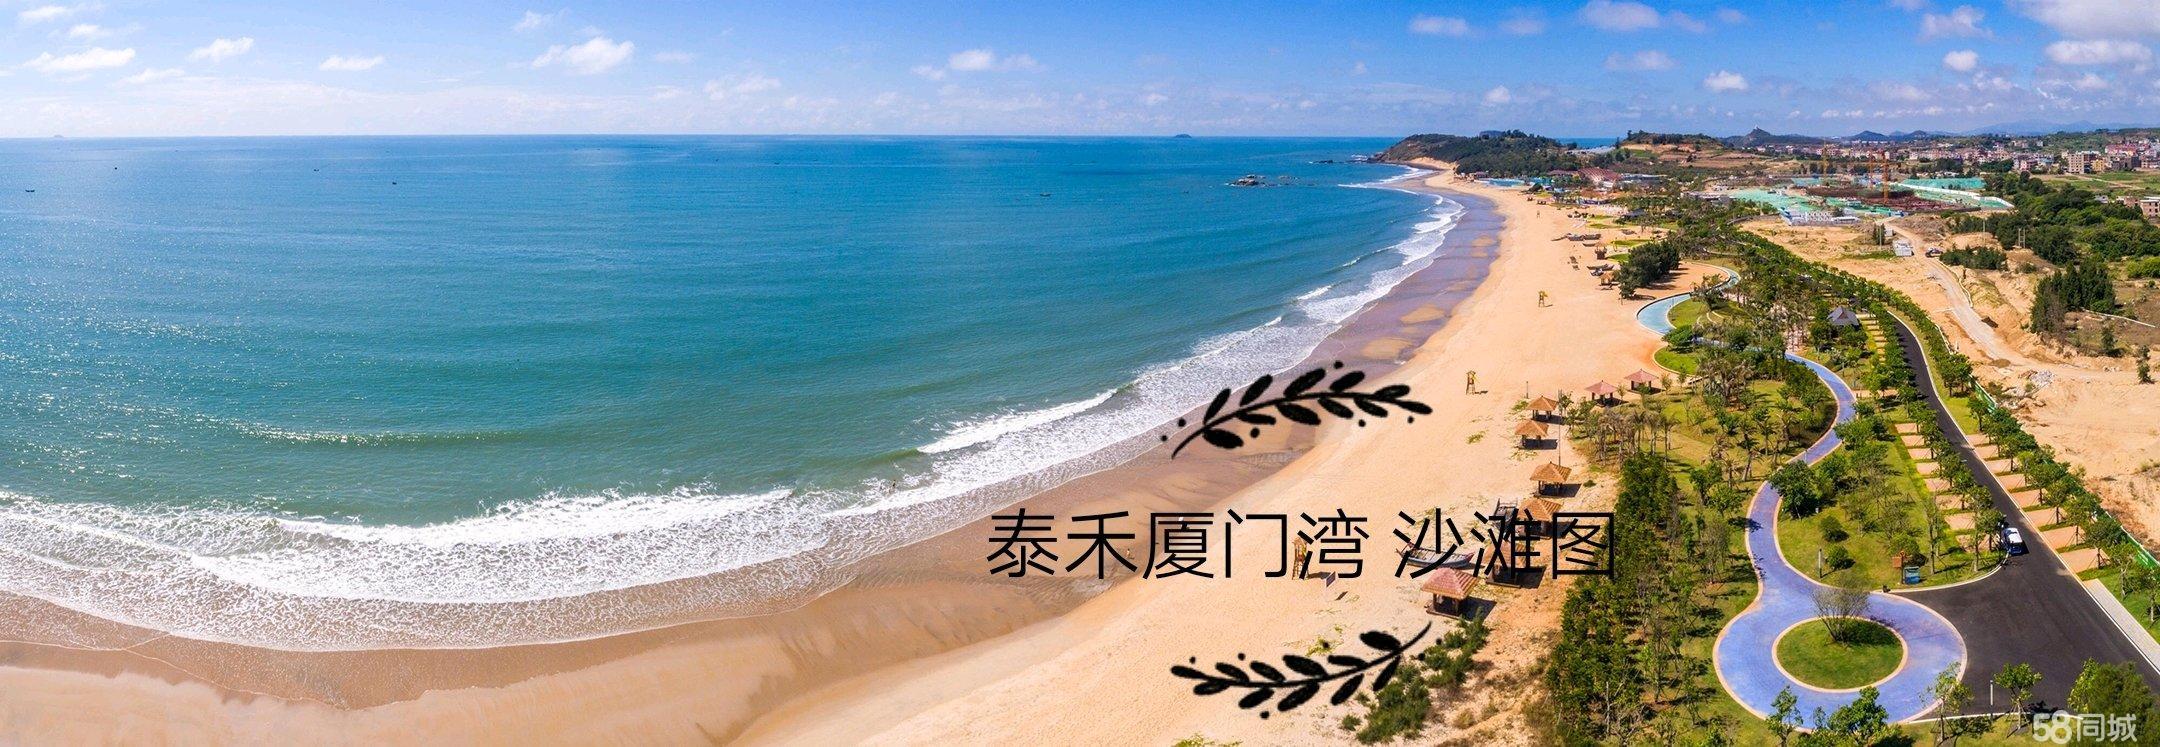 万豪海陵湾一号16公里黄金海岸线世界5A级滨海旅游目的地